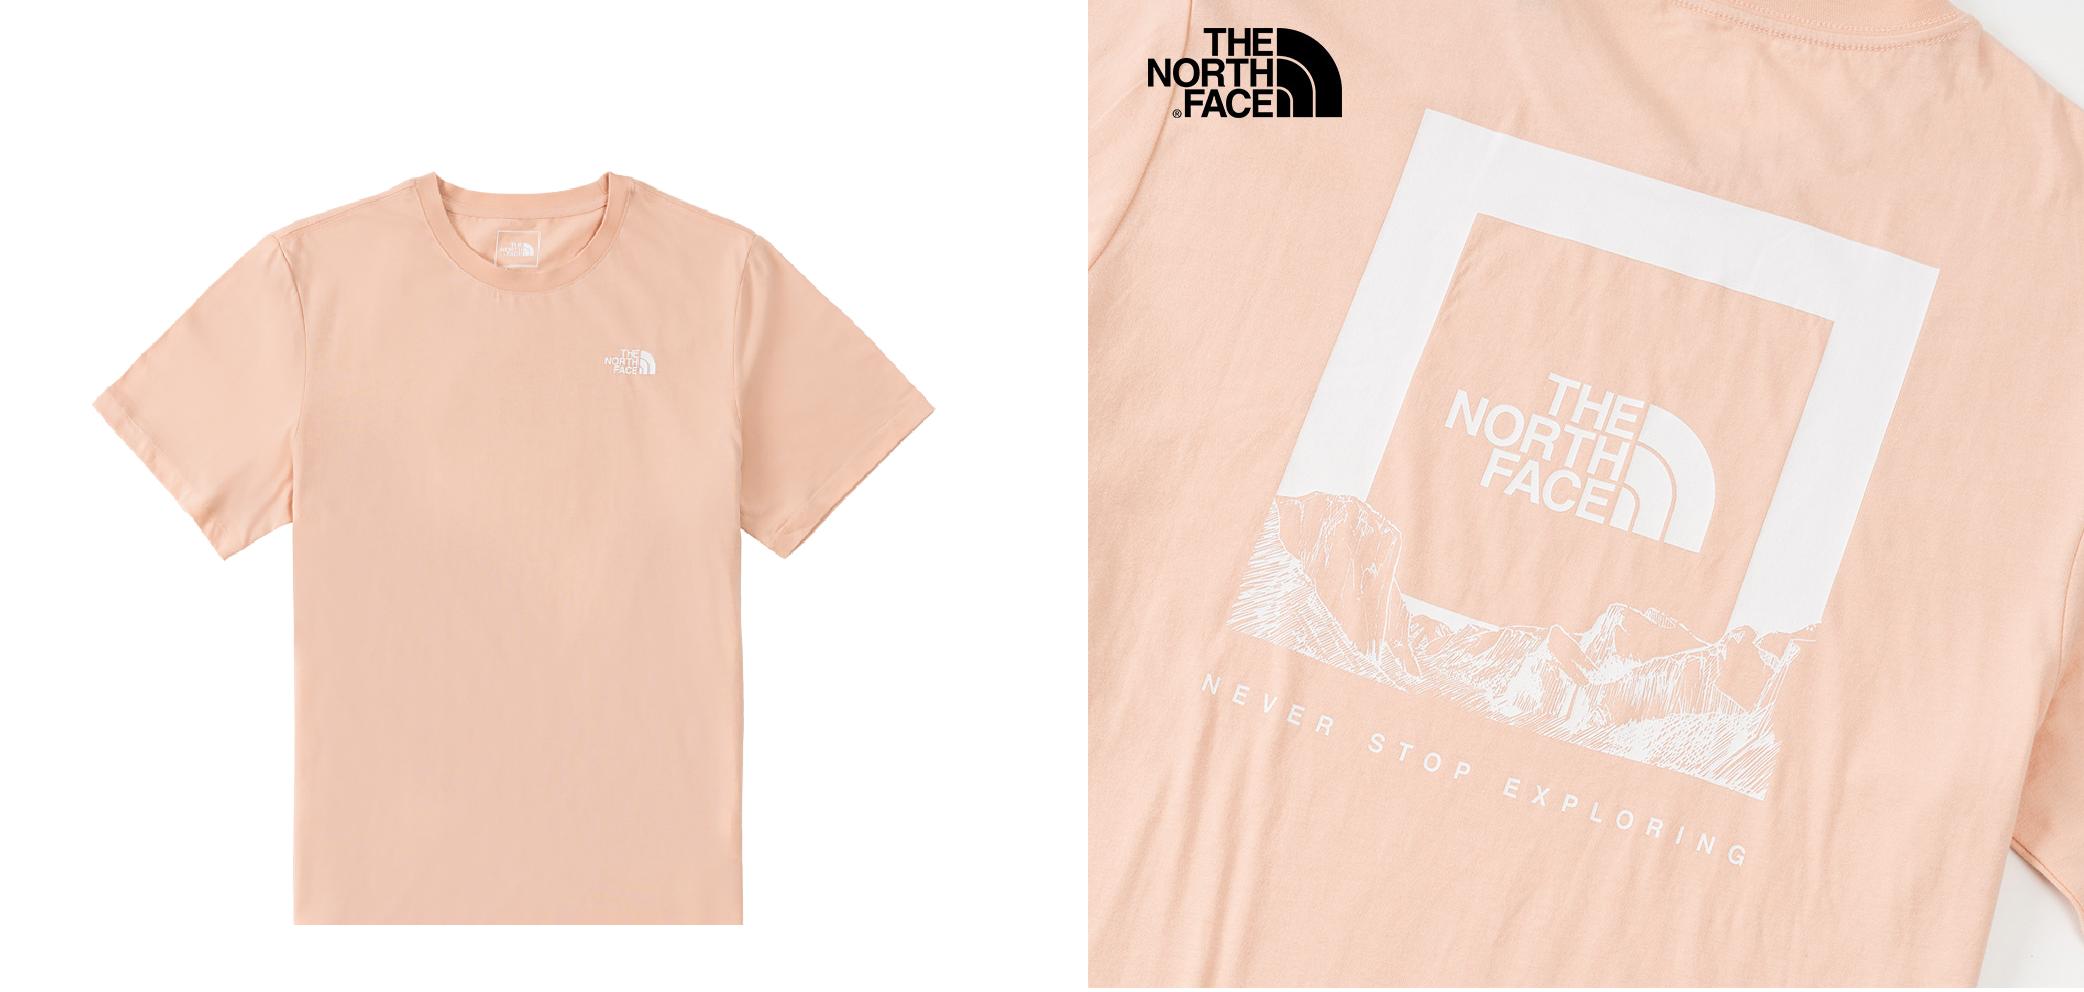 北面男女款粉色背部LOGO印花短袖T恤